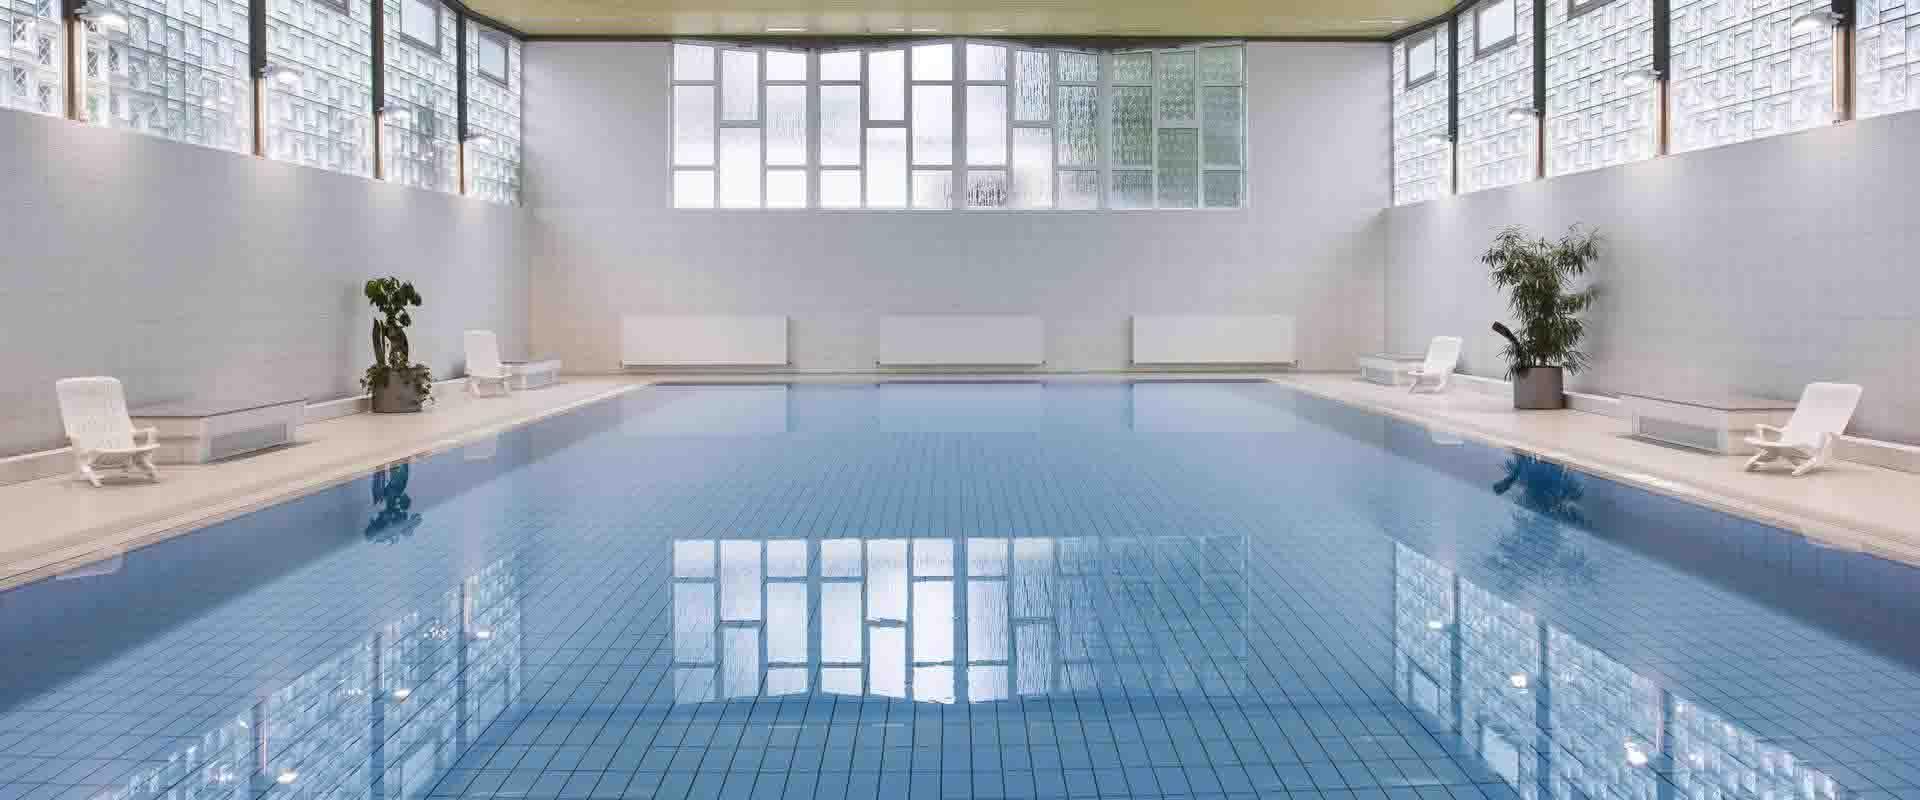 Schwimmbad in der MEDIAN Klinik Tönisstein